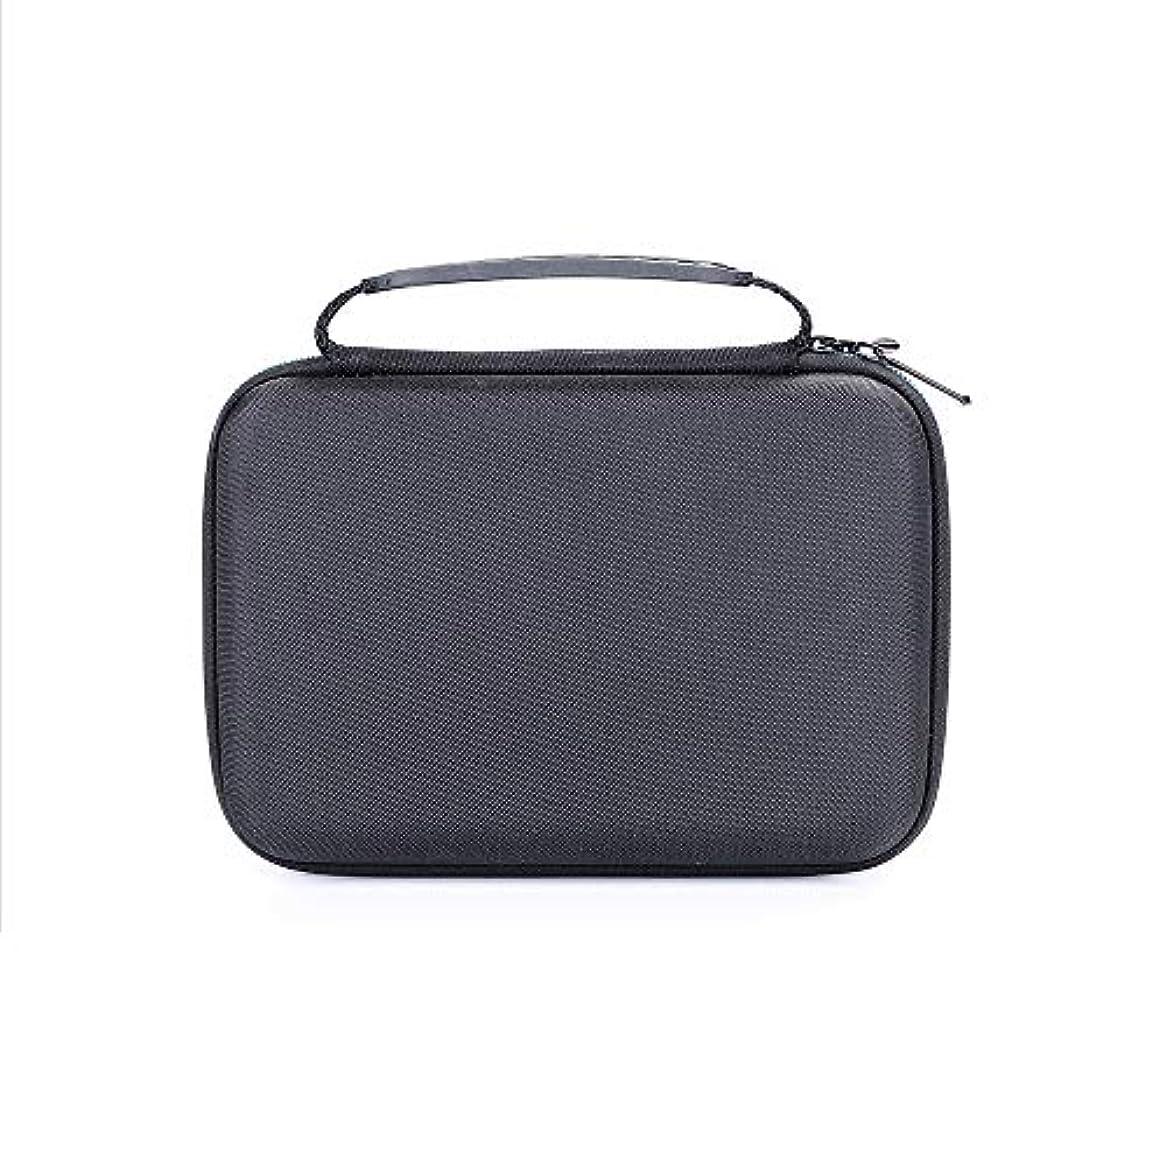 デンマーク真珠のような生物学Gaoominy ポータブルの旅行用Evaハード携帯用ケース、ボックス、バッグ、 Norelco Multi Groom シリーズ 3000 Mg3750用